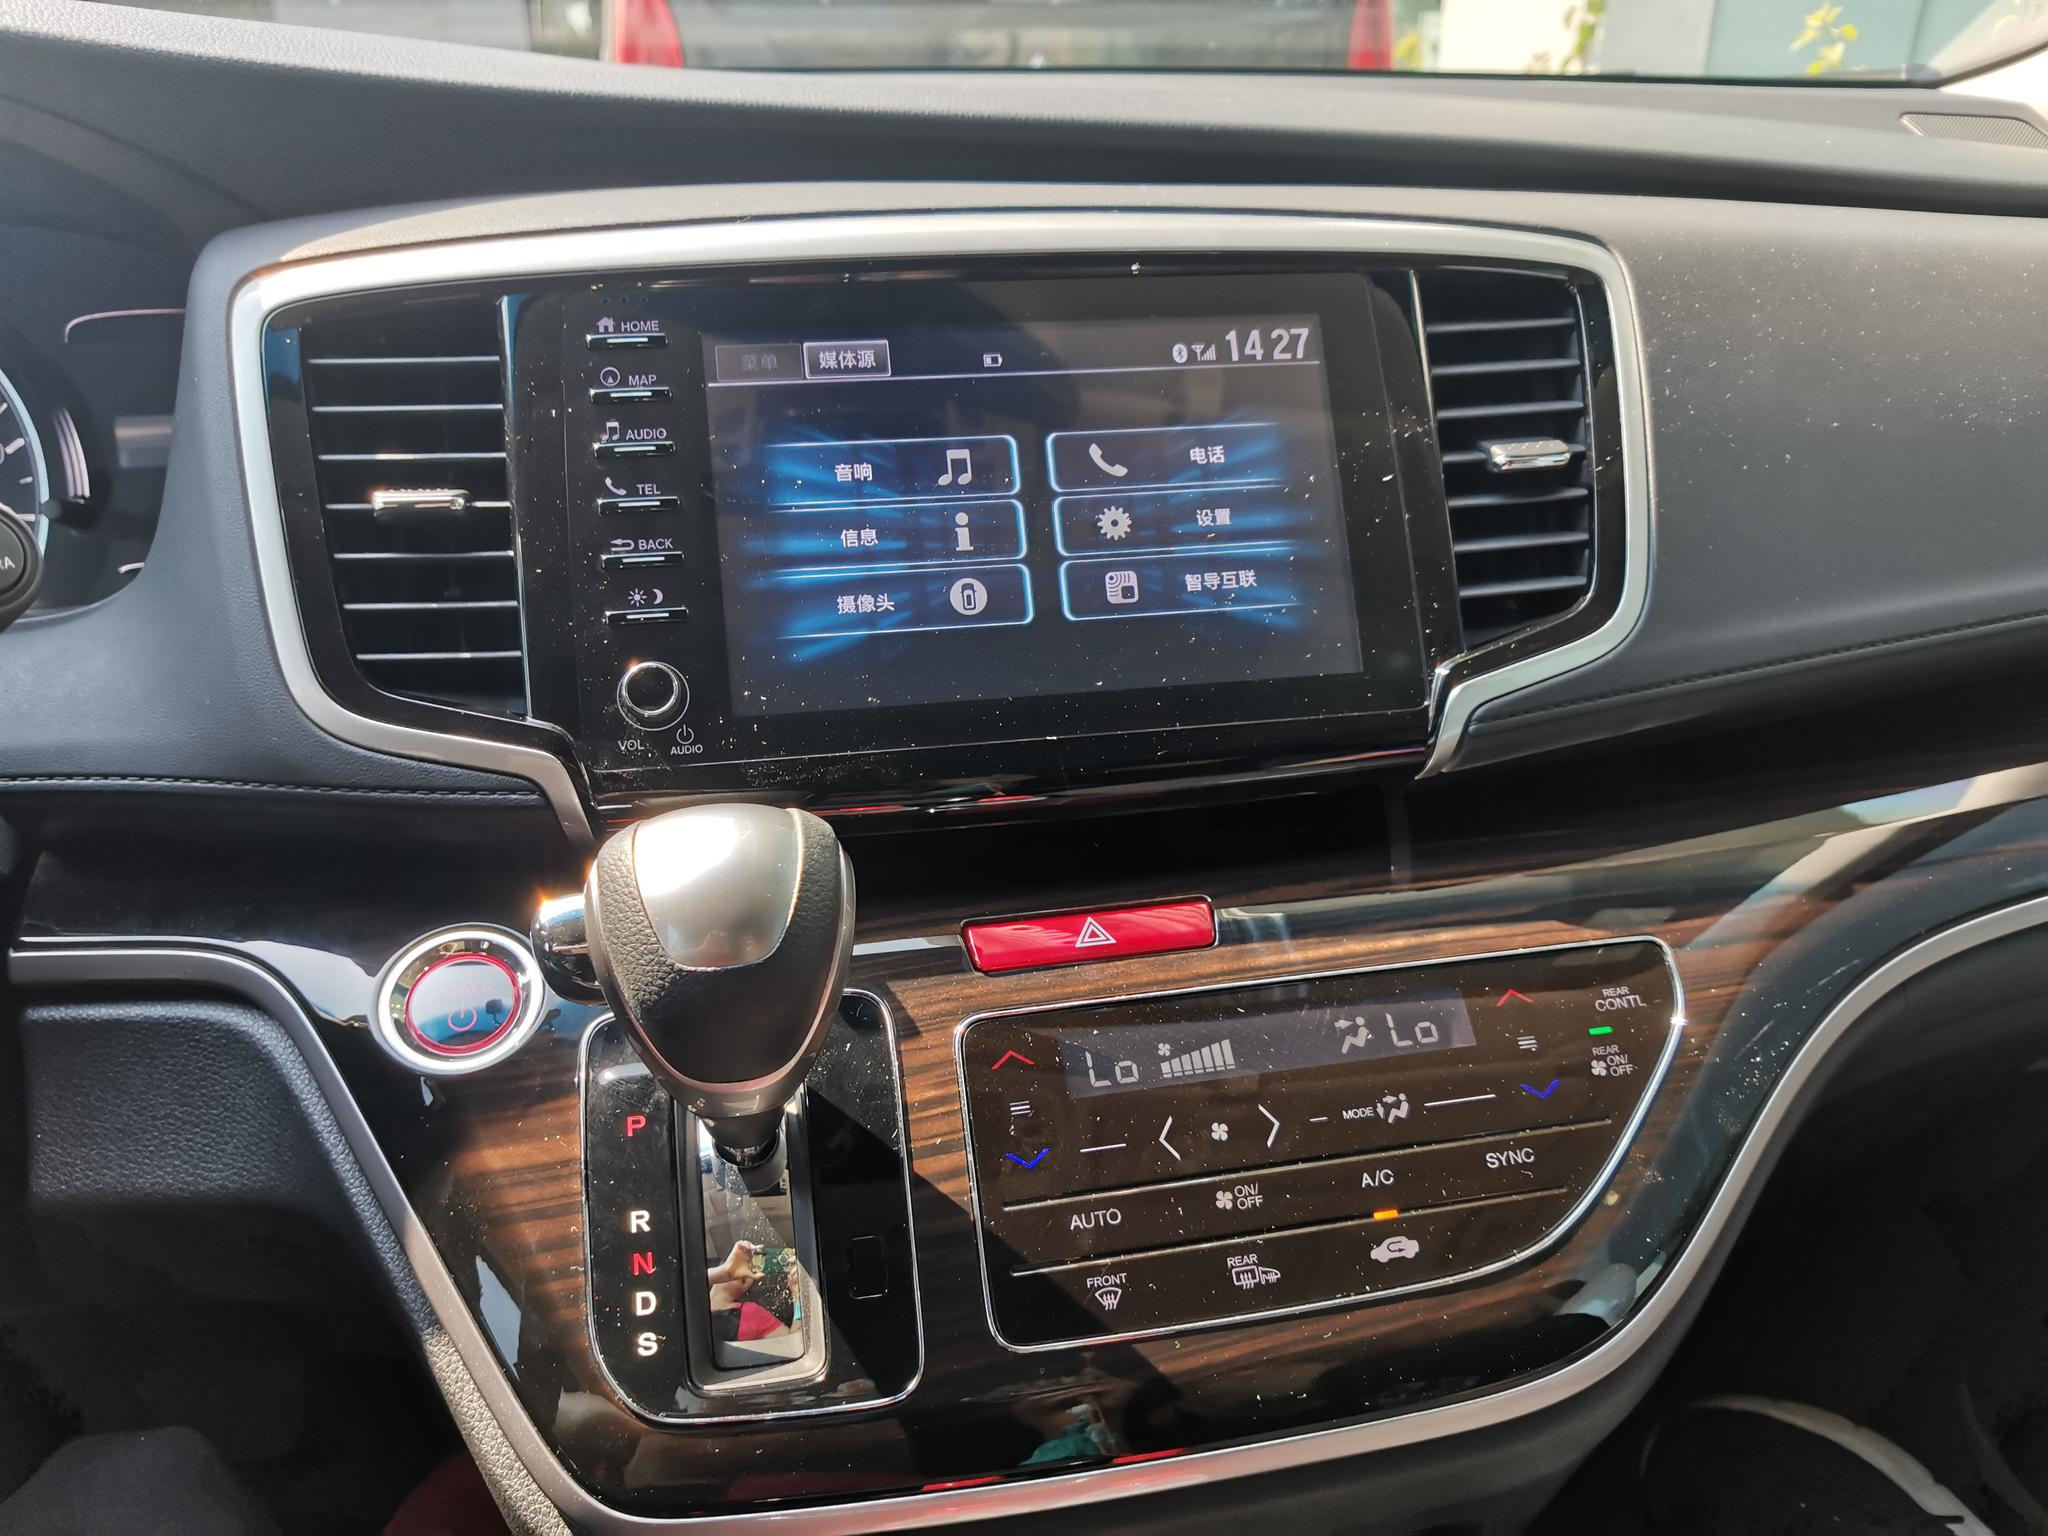 试驾:奥德赛锐混动22万起,兼顾价格和驾乘舒适性的MPV